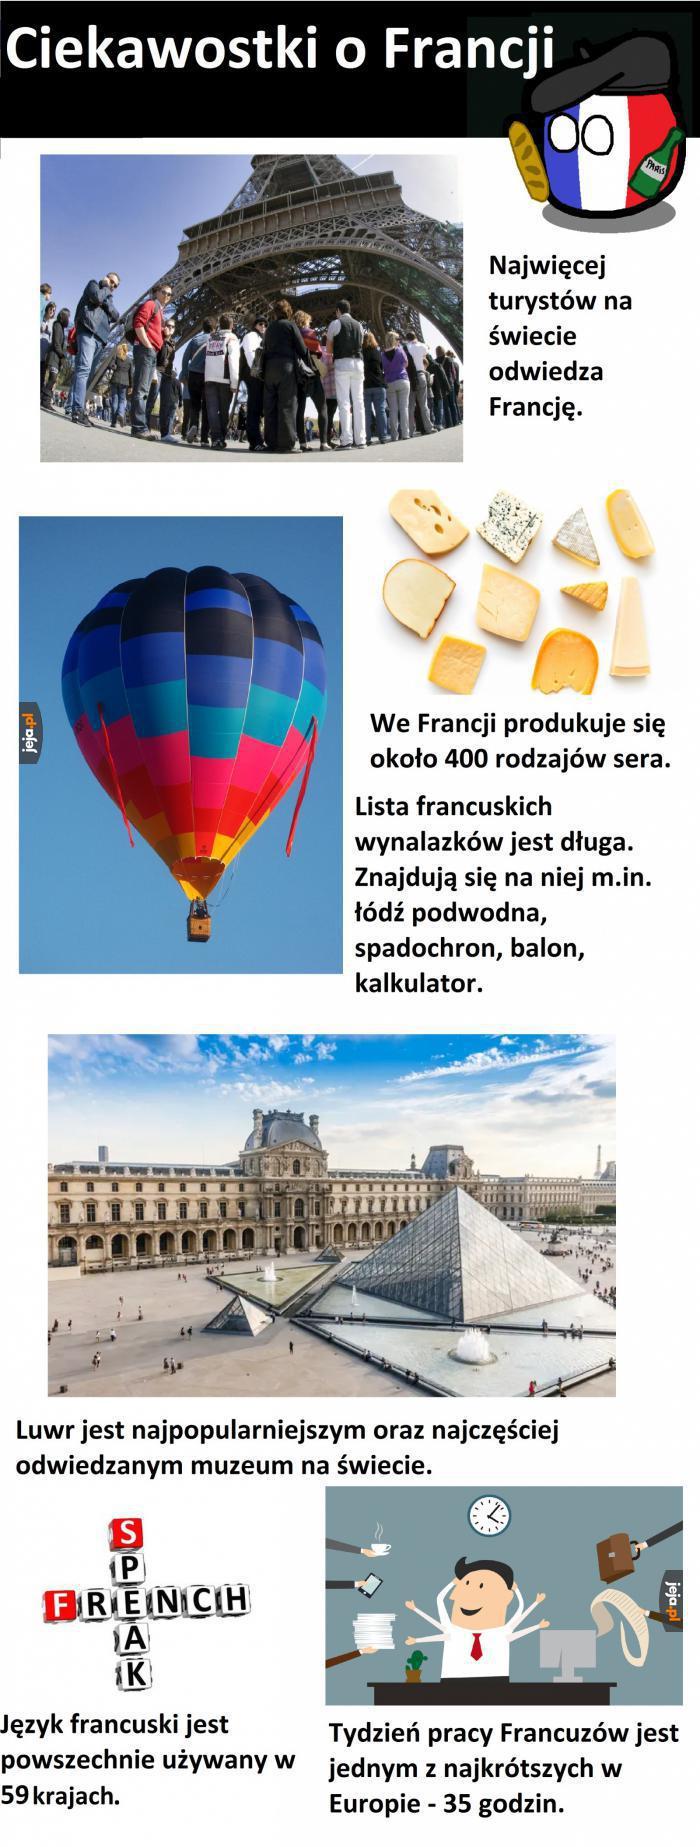 Ciekawostki o Francji